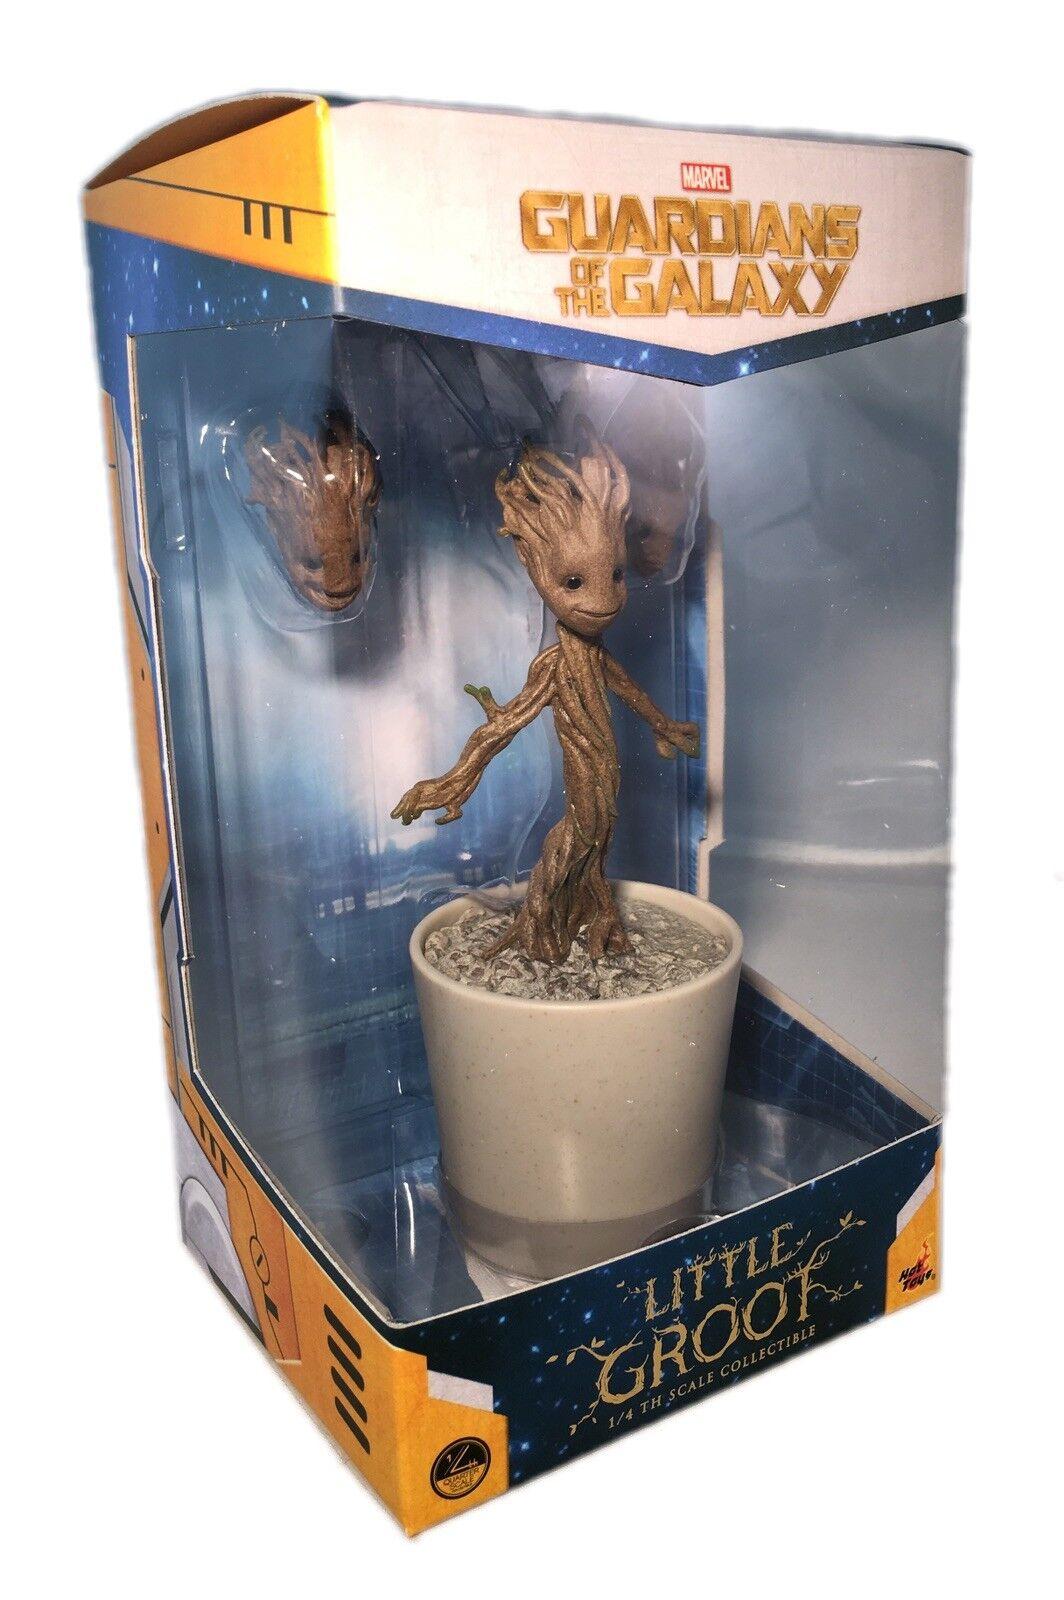 Marvel Guardianes de la galaxia poco Groot 1 4th escala Hot Juguetes Coleccionable